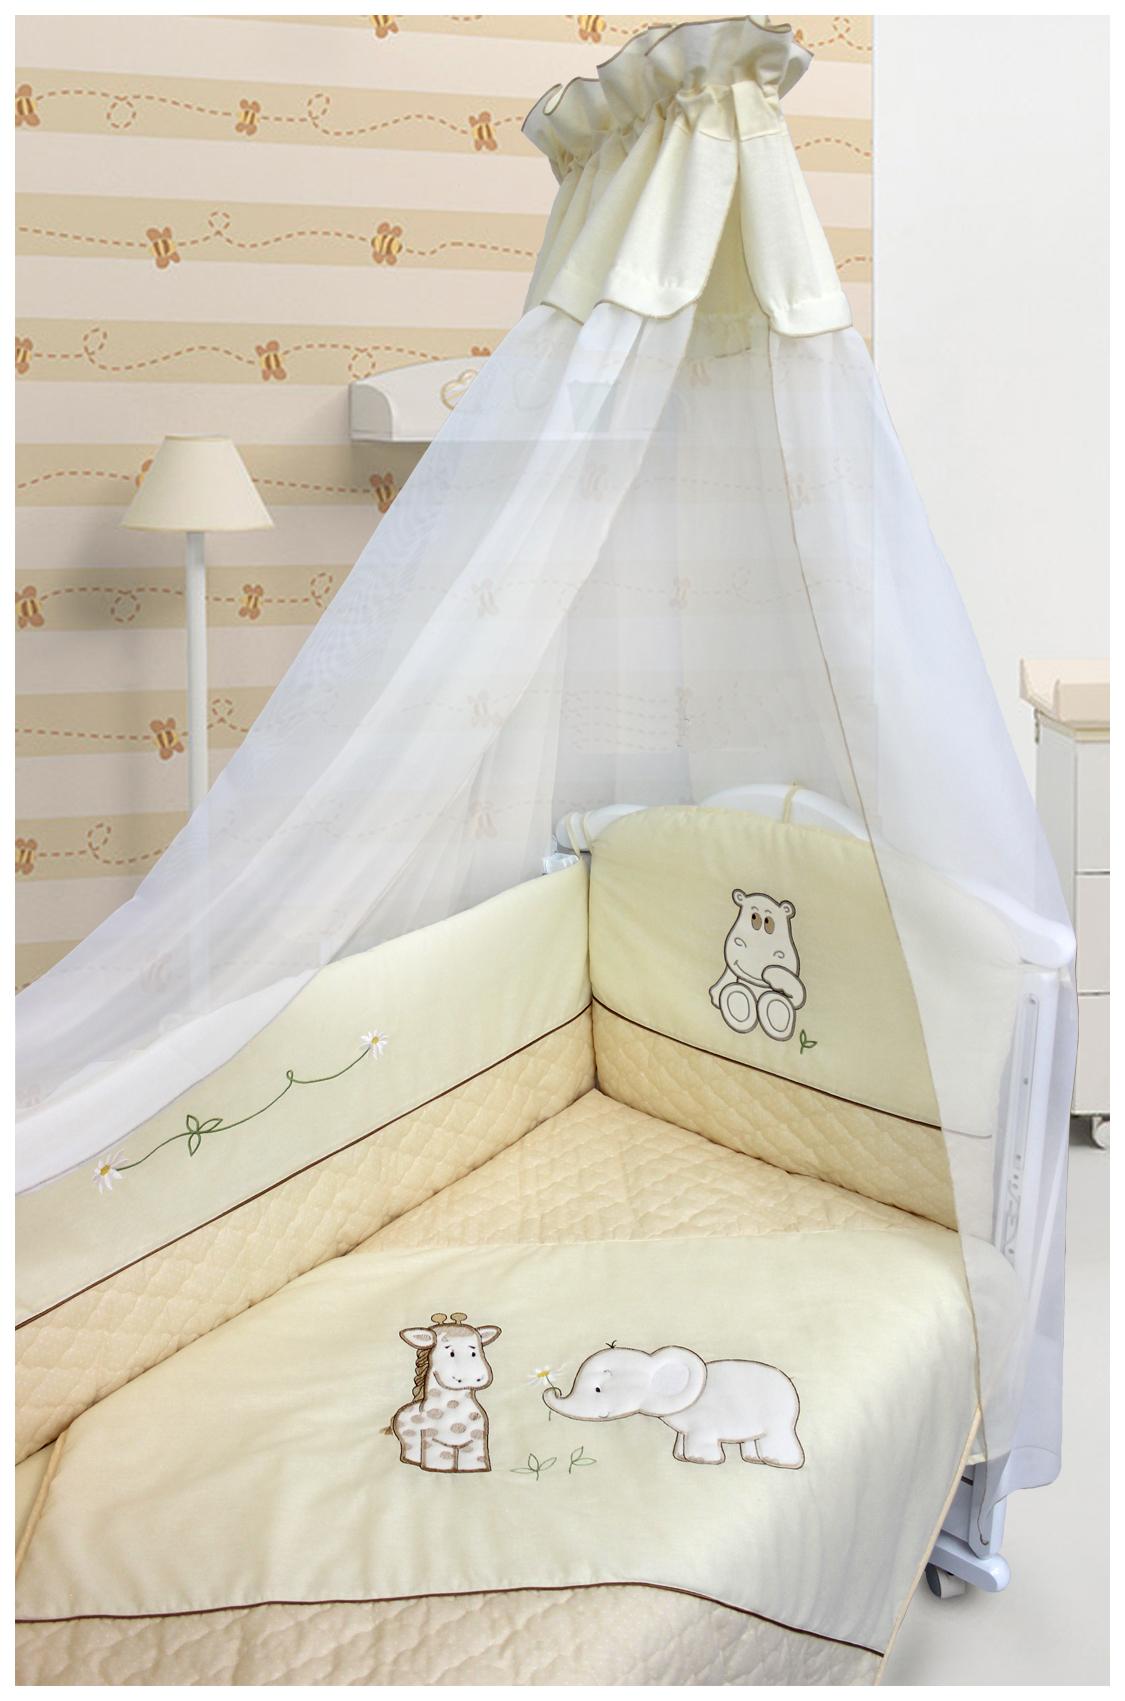 Купить Сафари , 6 предметов, Комплект детского постельного белья Bombus САФАРИ 1493, Комплекты детского постельного белья